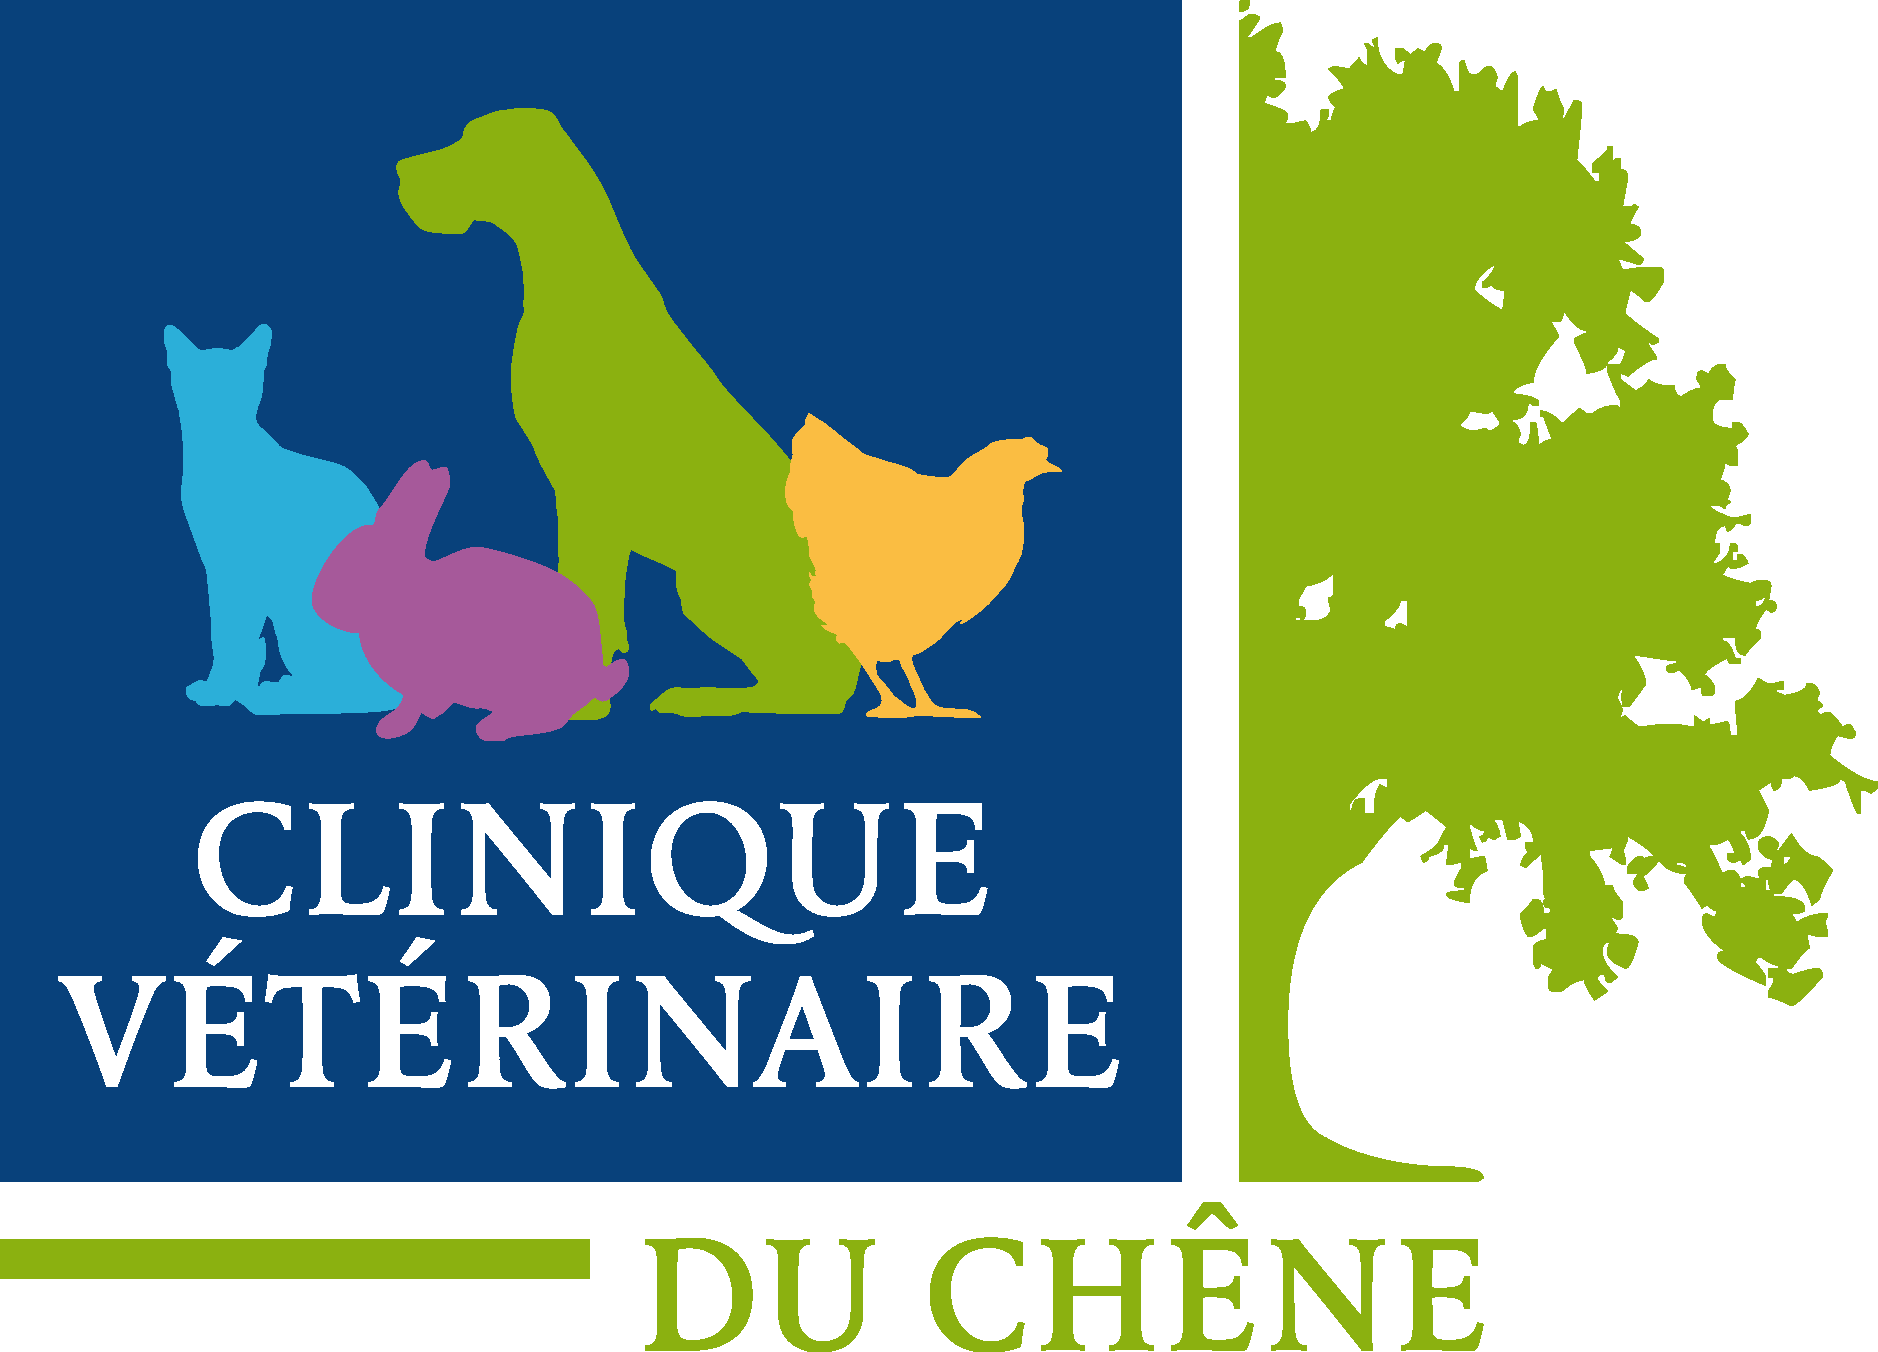 Clinique Vétérinaire du Chêne